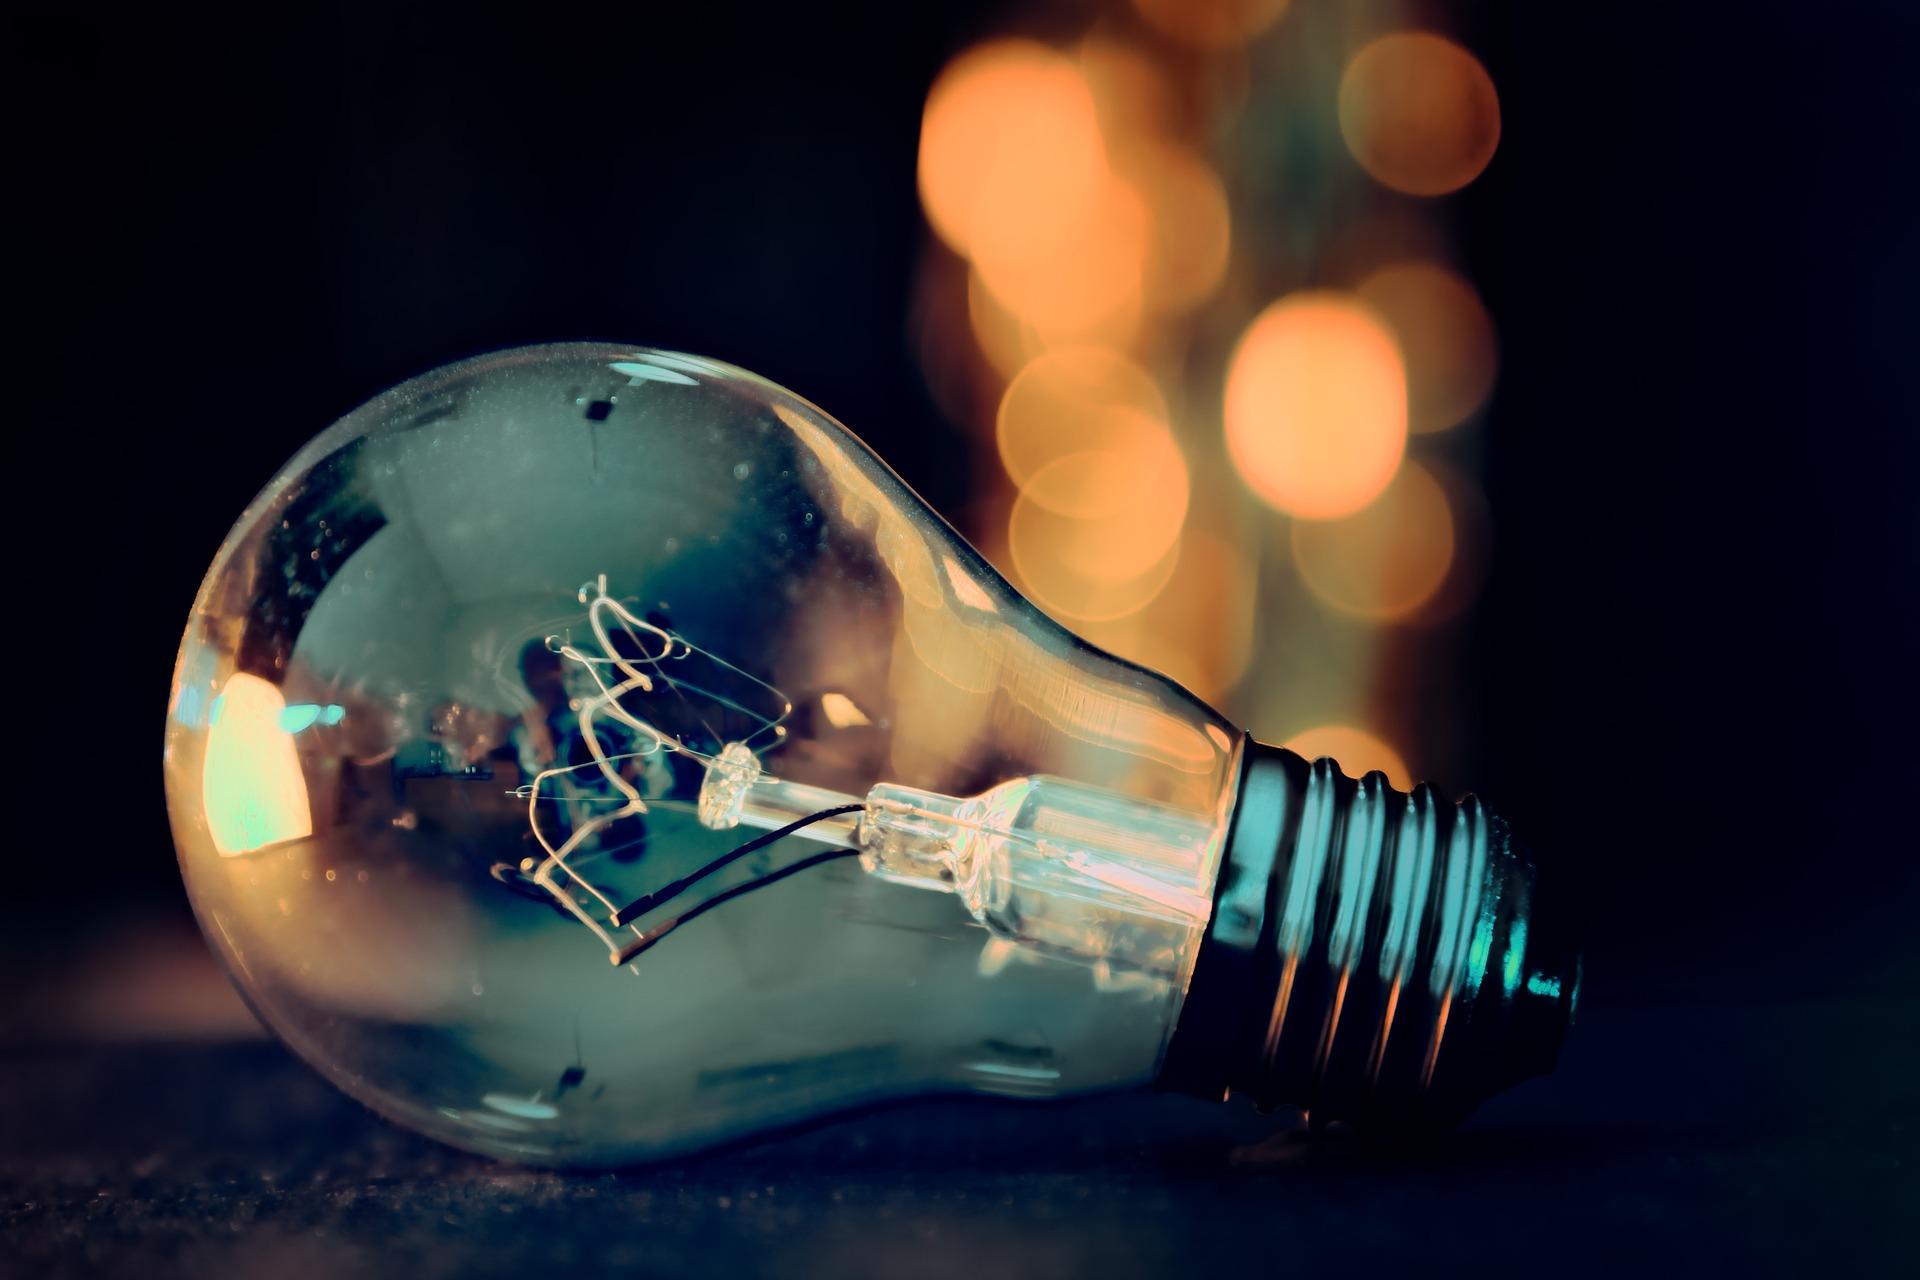 light-bulb-3535435_1920.jpg